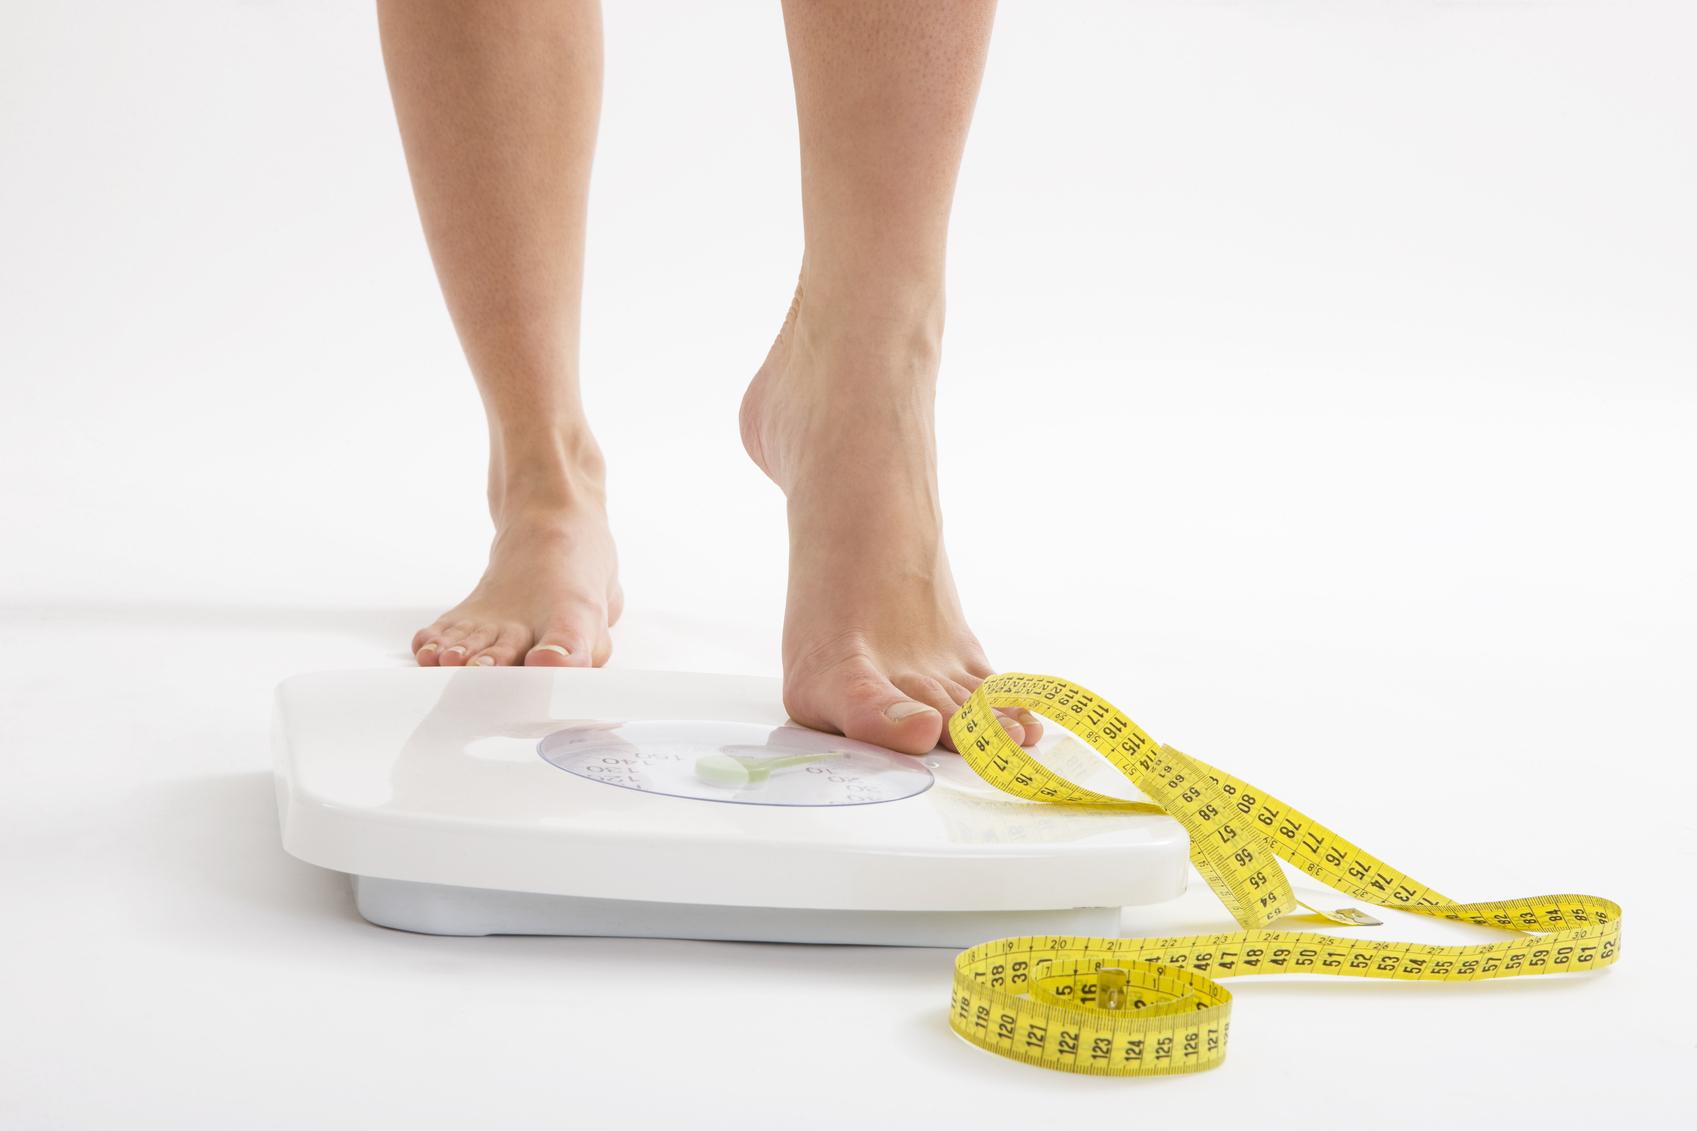 oroscopi per la perdita di peso